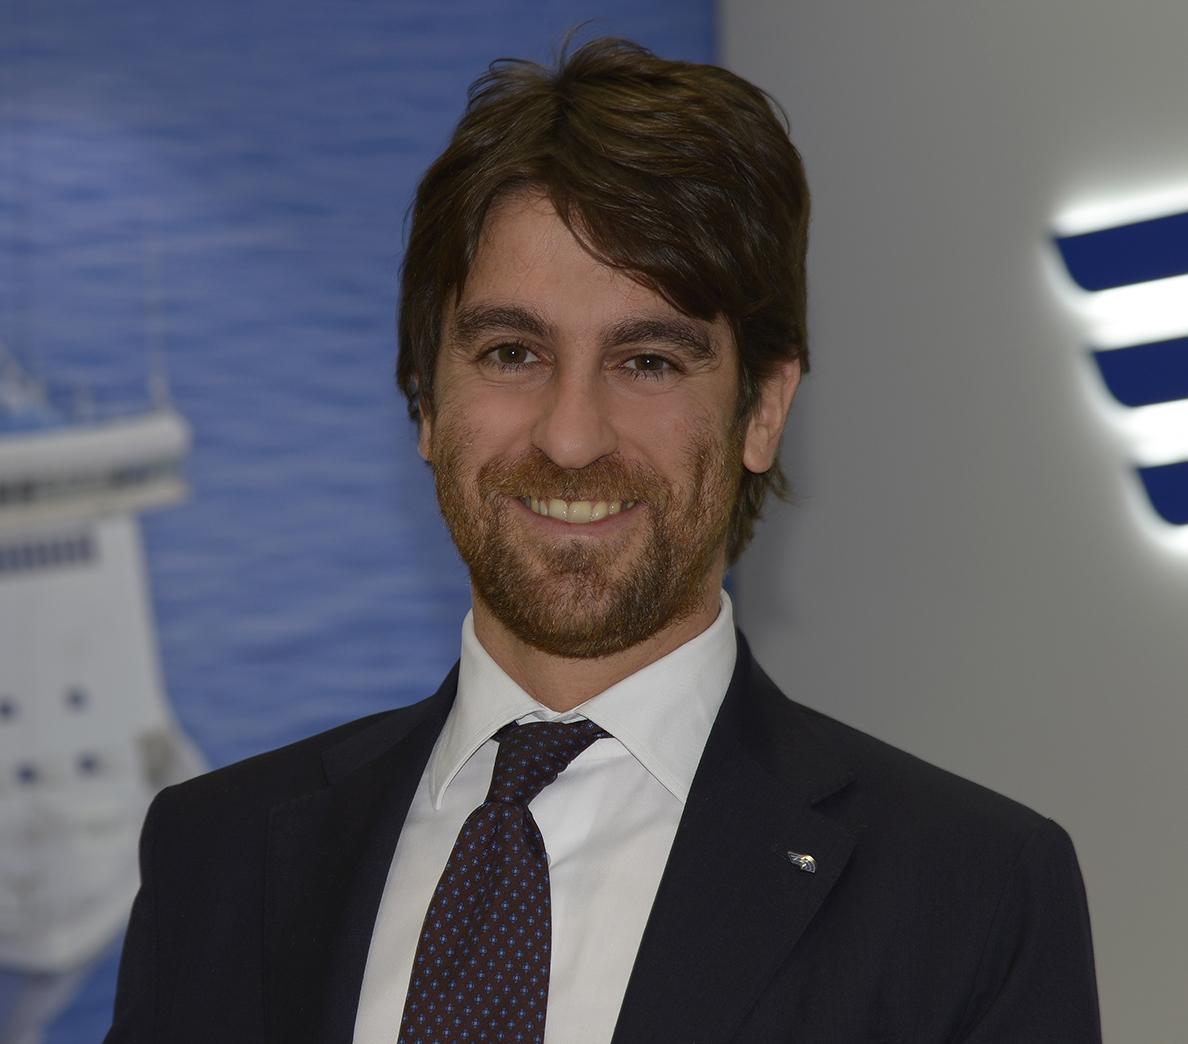 Matteo Catani, Amministratore Delegato di Grandi Navi Veloci (GNV)